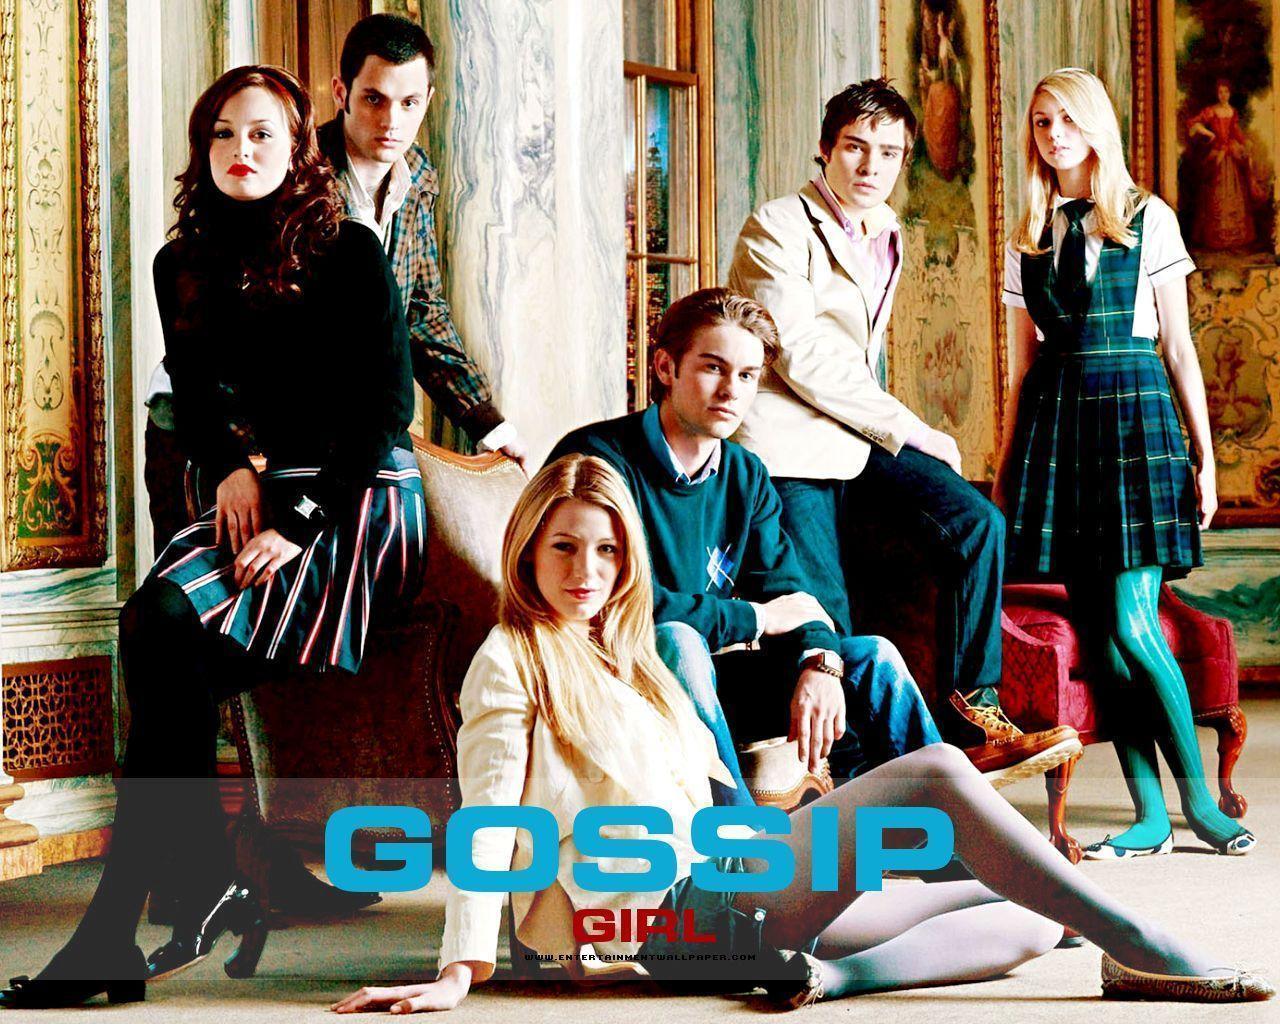 Gossip Girl Bölüm Rehberi | Tanıtım | Wallpaper | Kadro